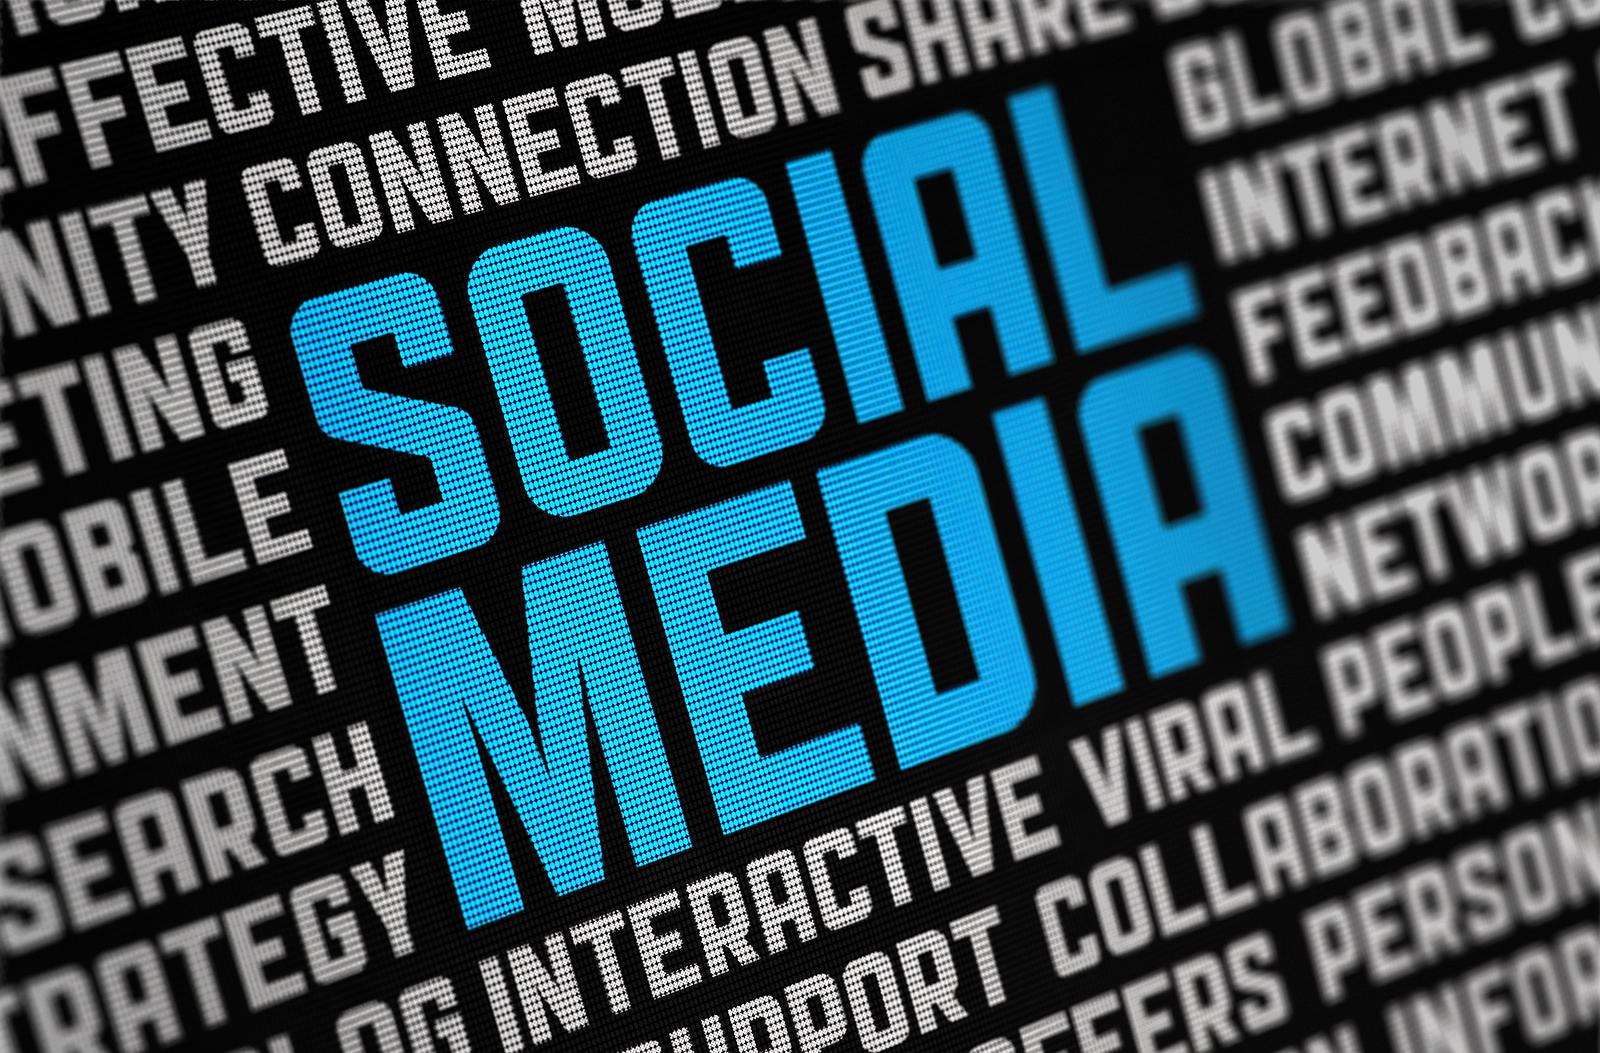 Migliorare una strategia di social media non diventando un robot